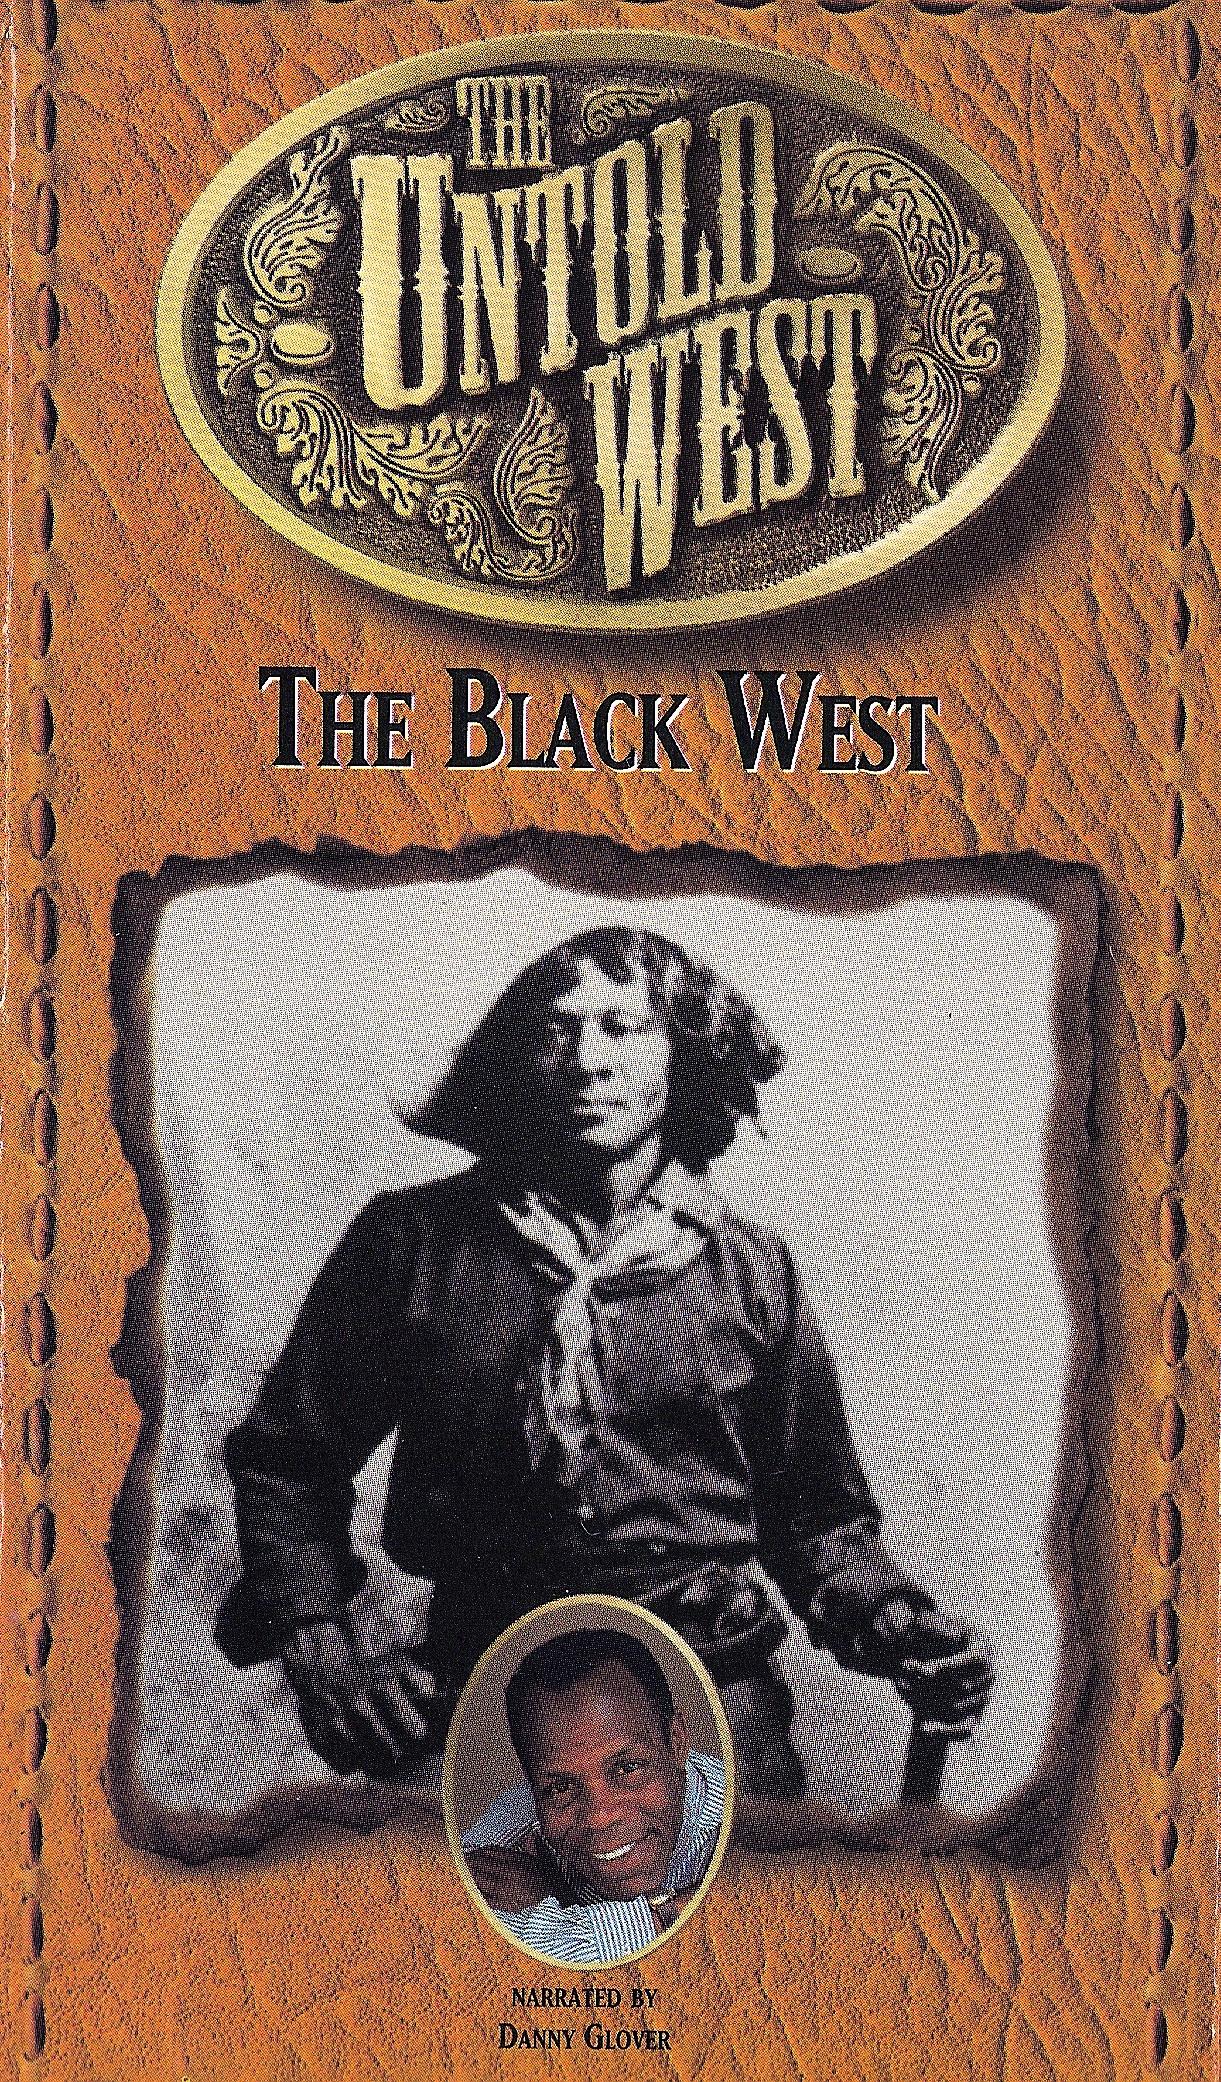 BLACK WEST copy.jpg